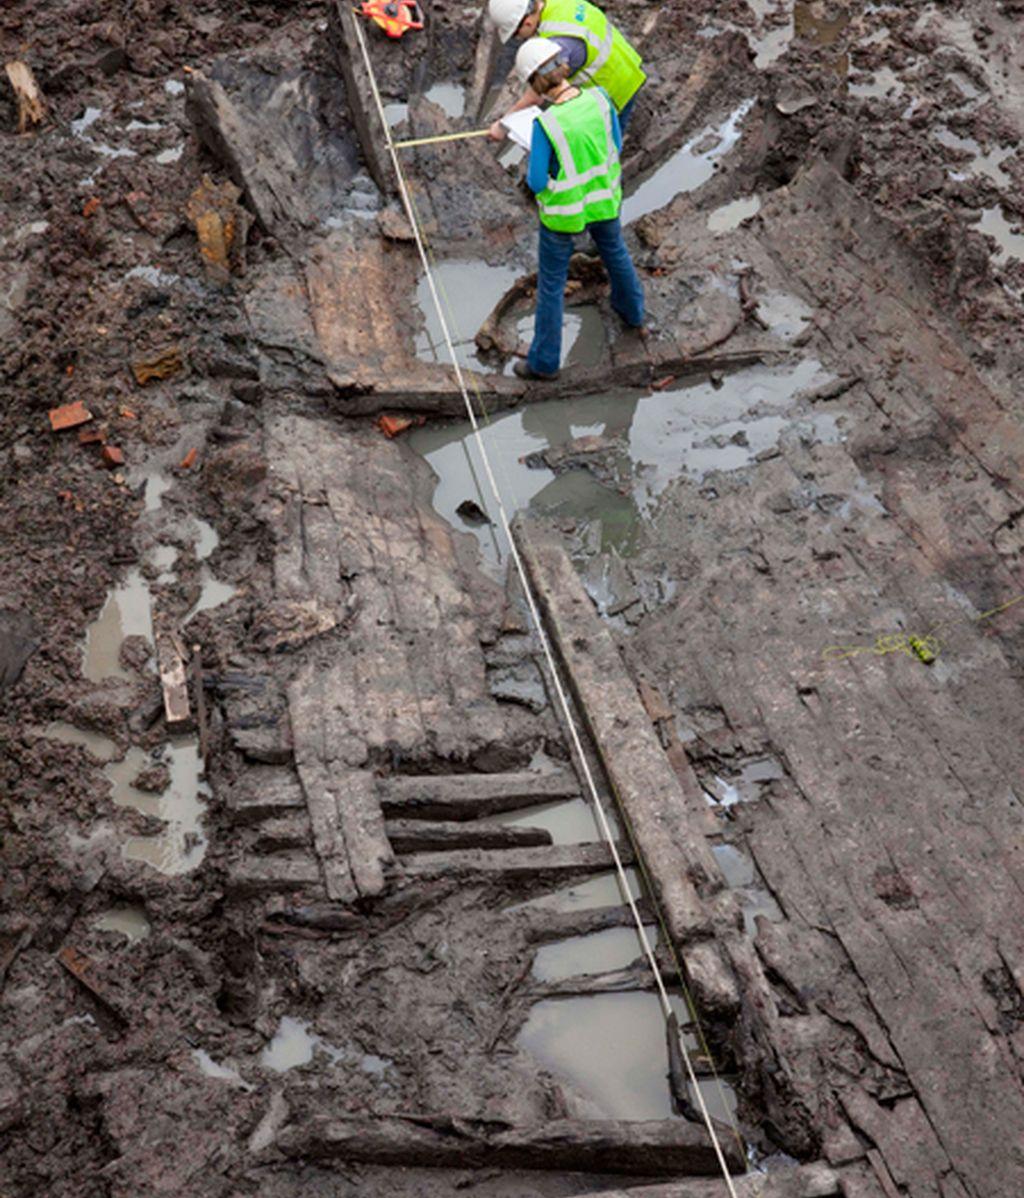 Dos arqueólogos toman medidas de los restos de la nave hallados en el World Trade Center. Foto: AP